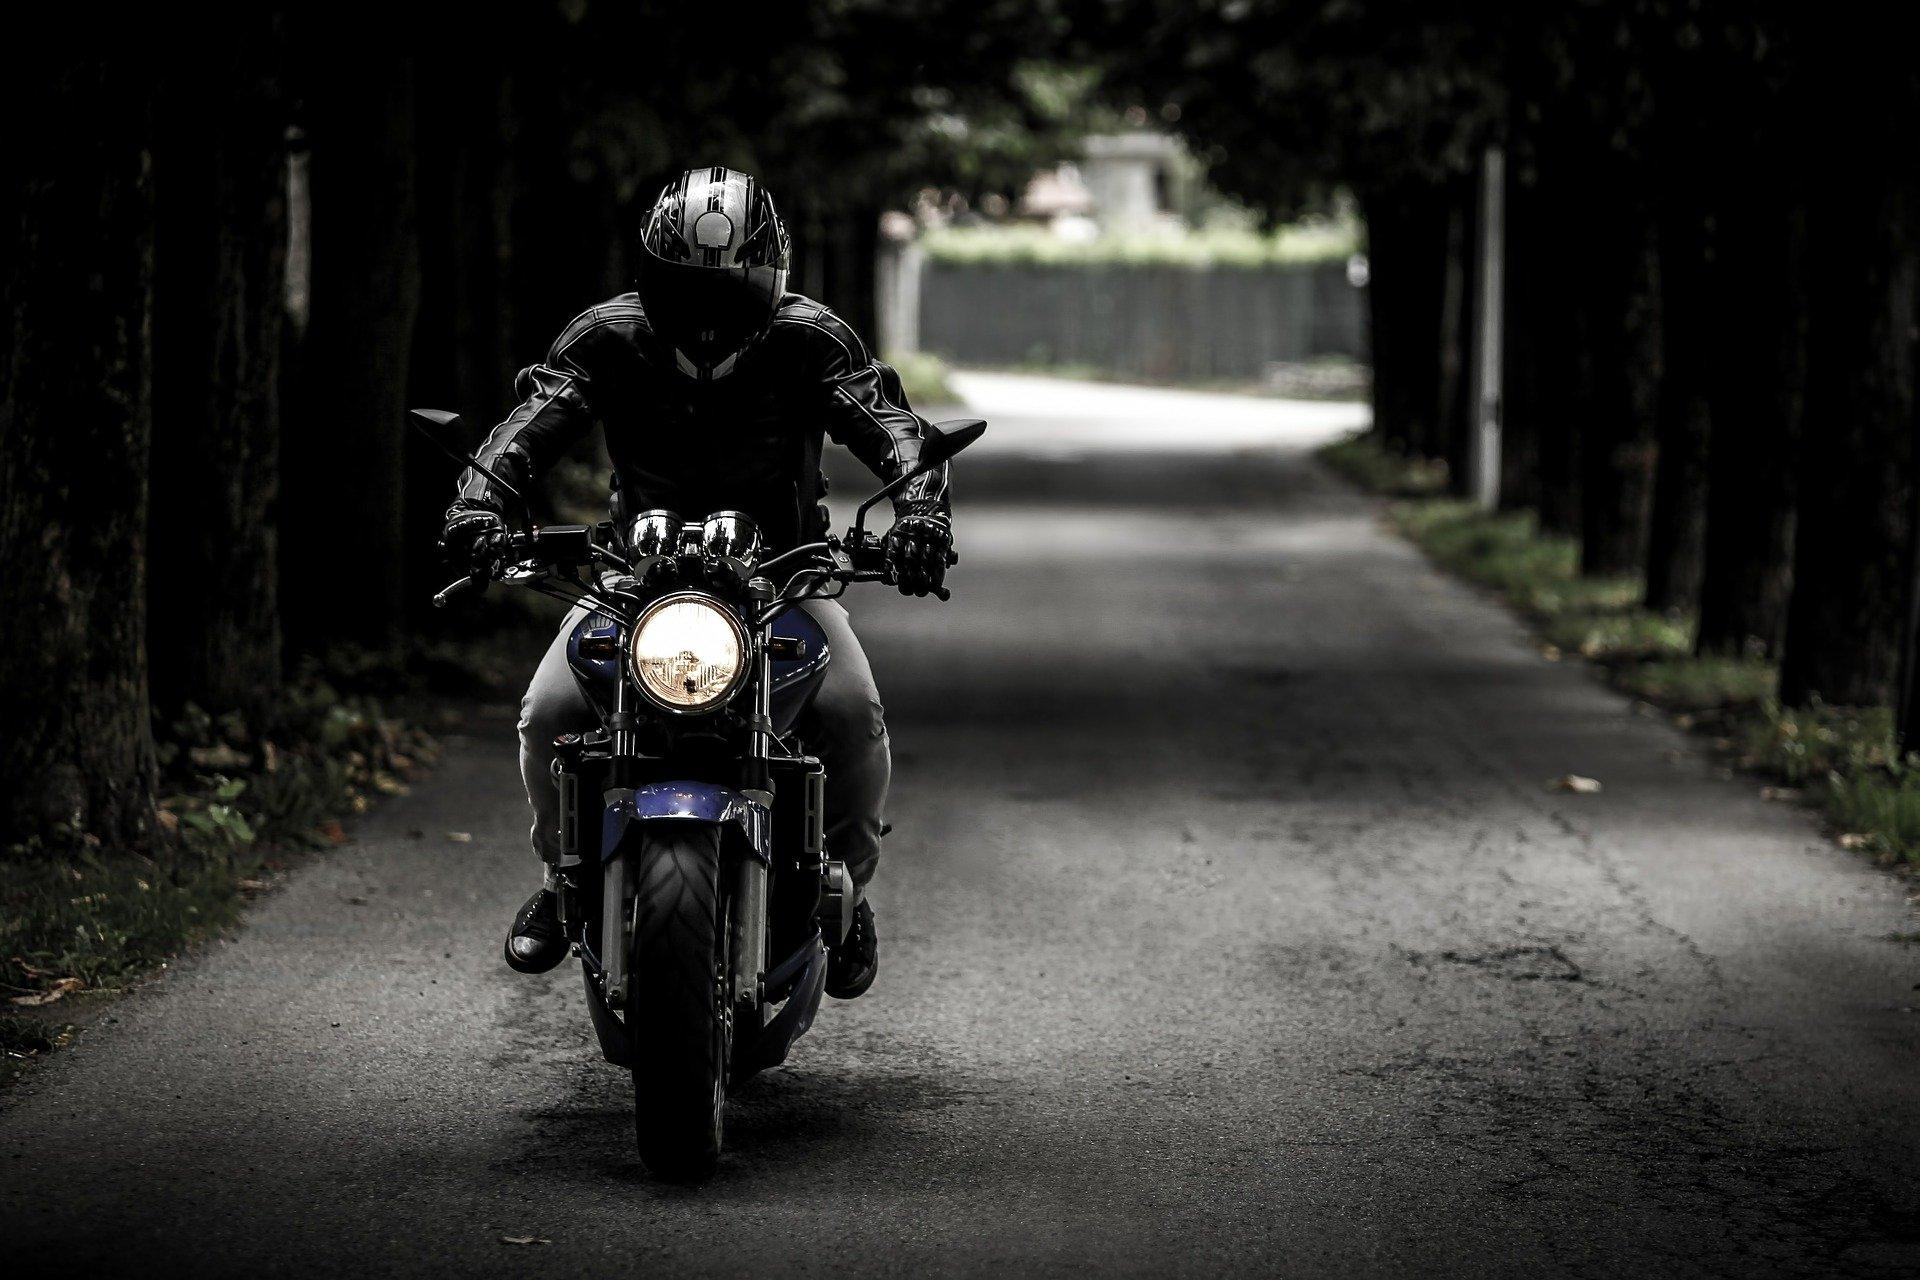 biker-407123_1920.jpg